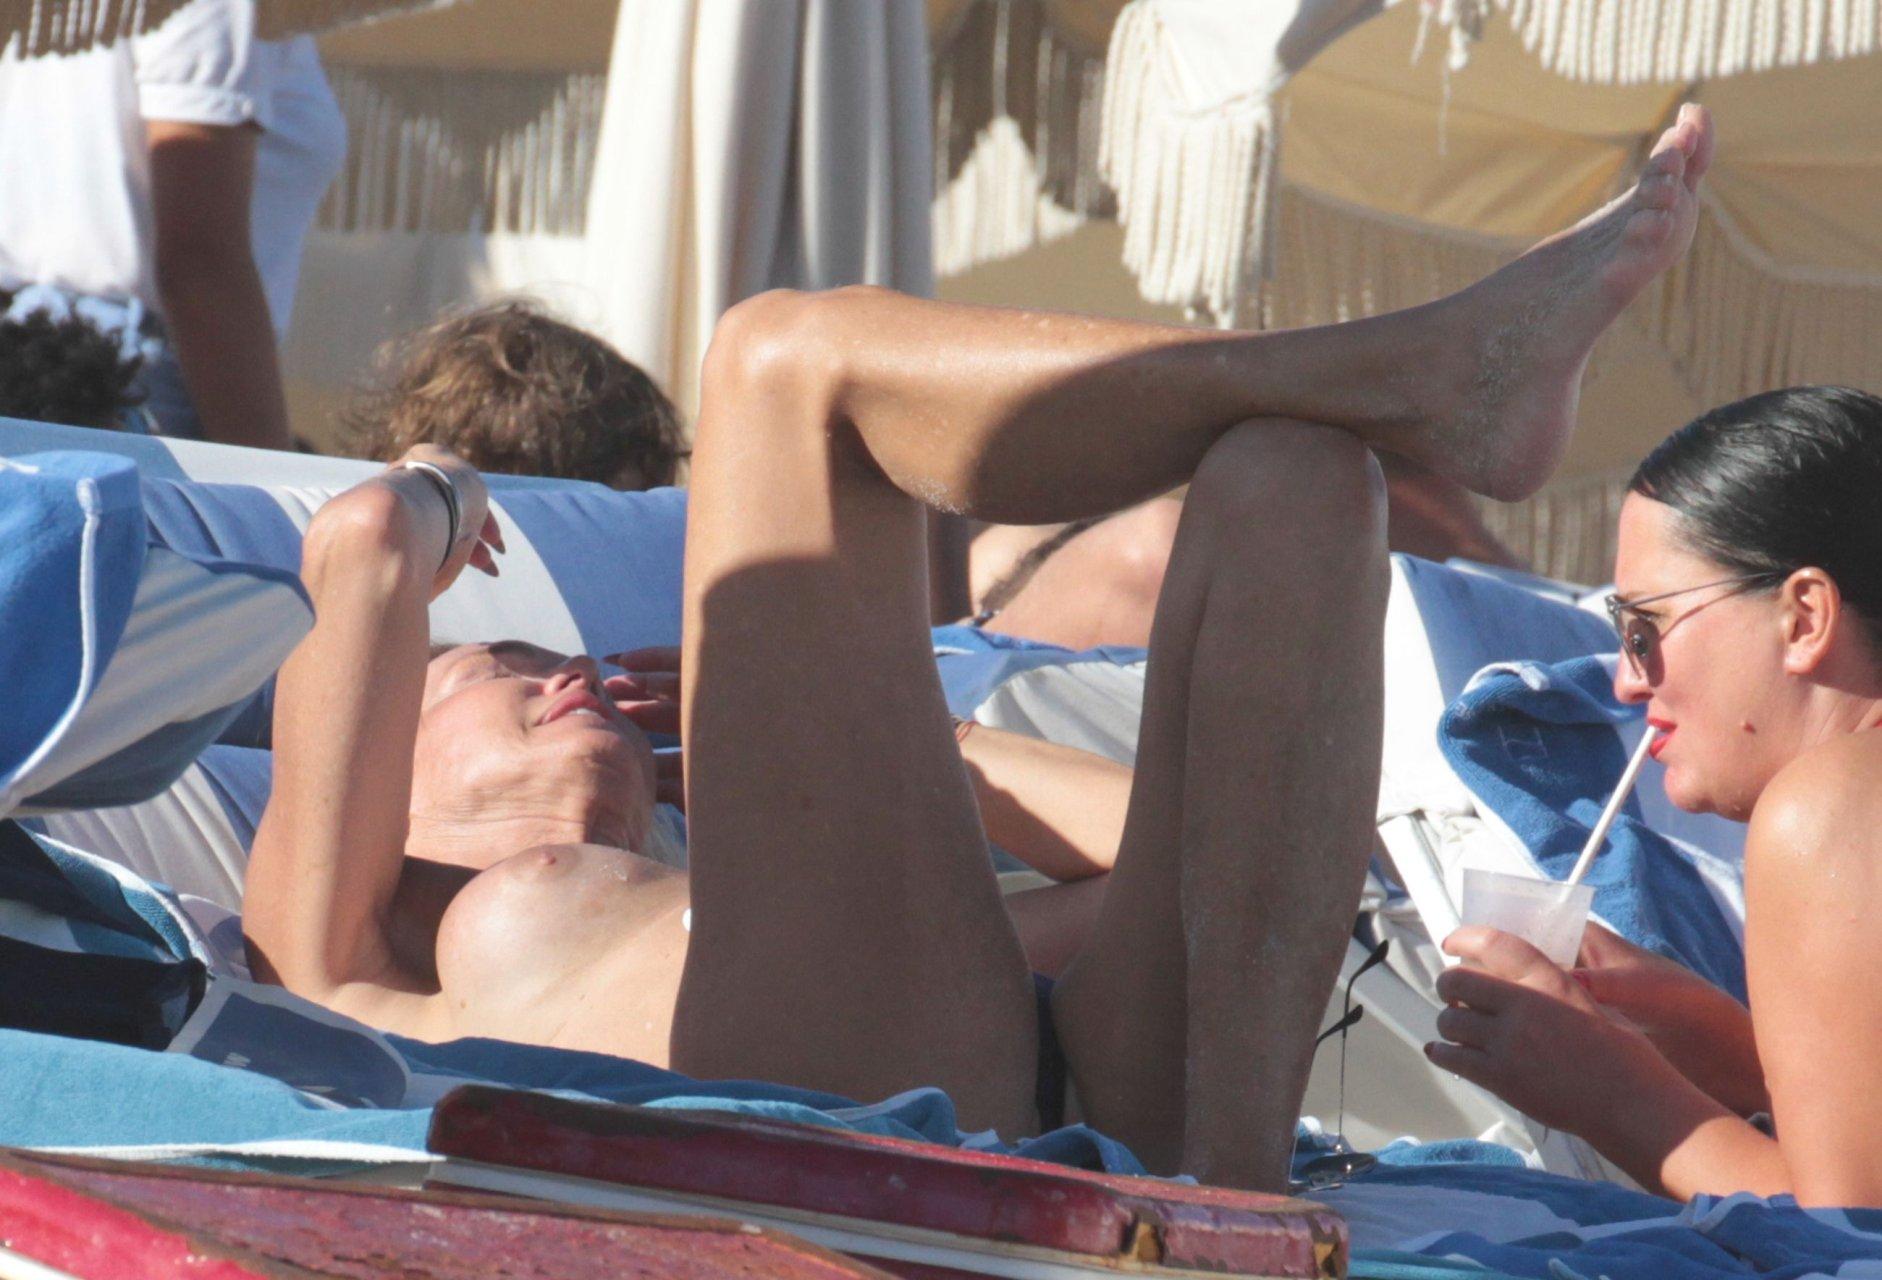 Boobs Lauren Foster Nude Pics